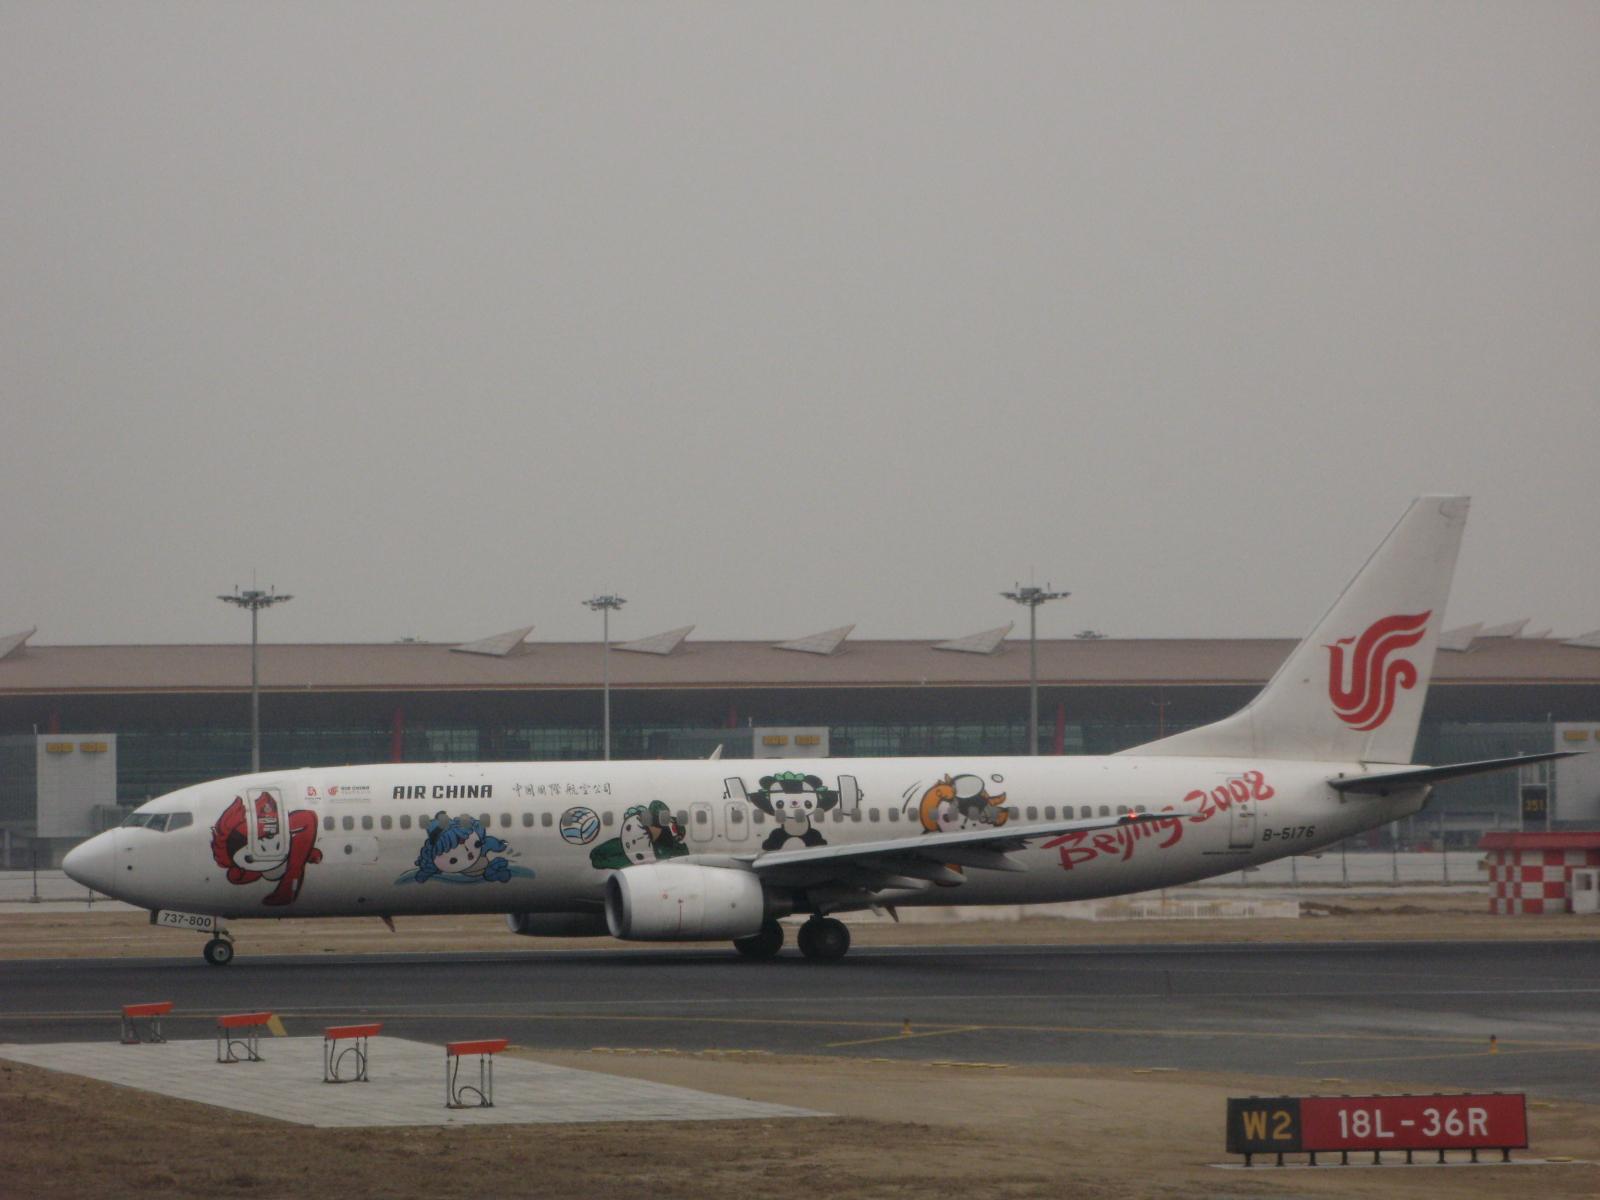 从北京机场出发,飞机在跑道上排队等待起飞的时候,我突然发现了一架